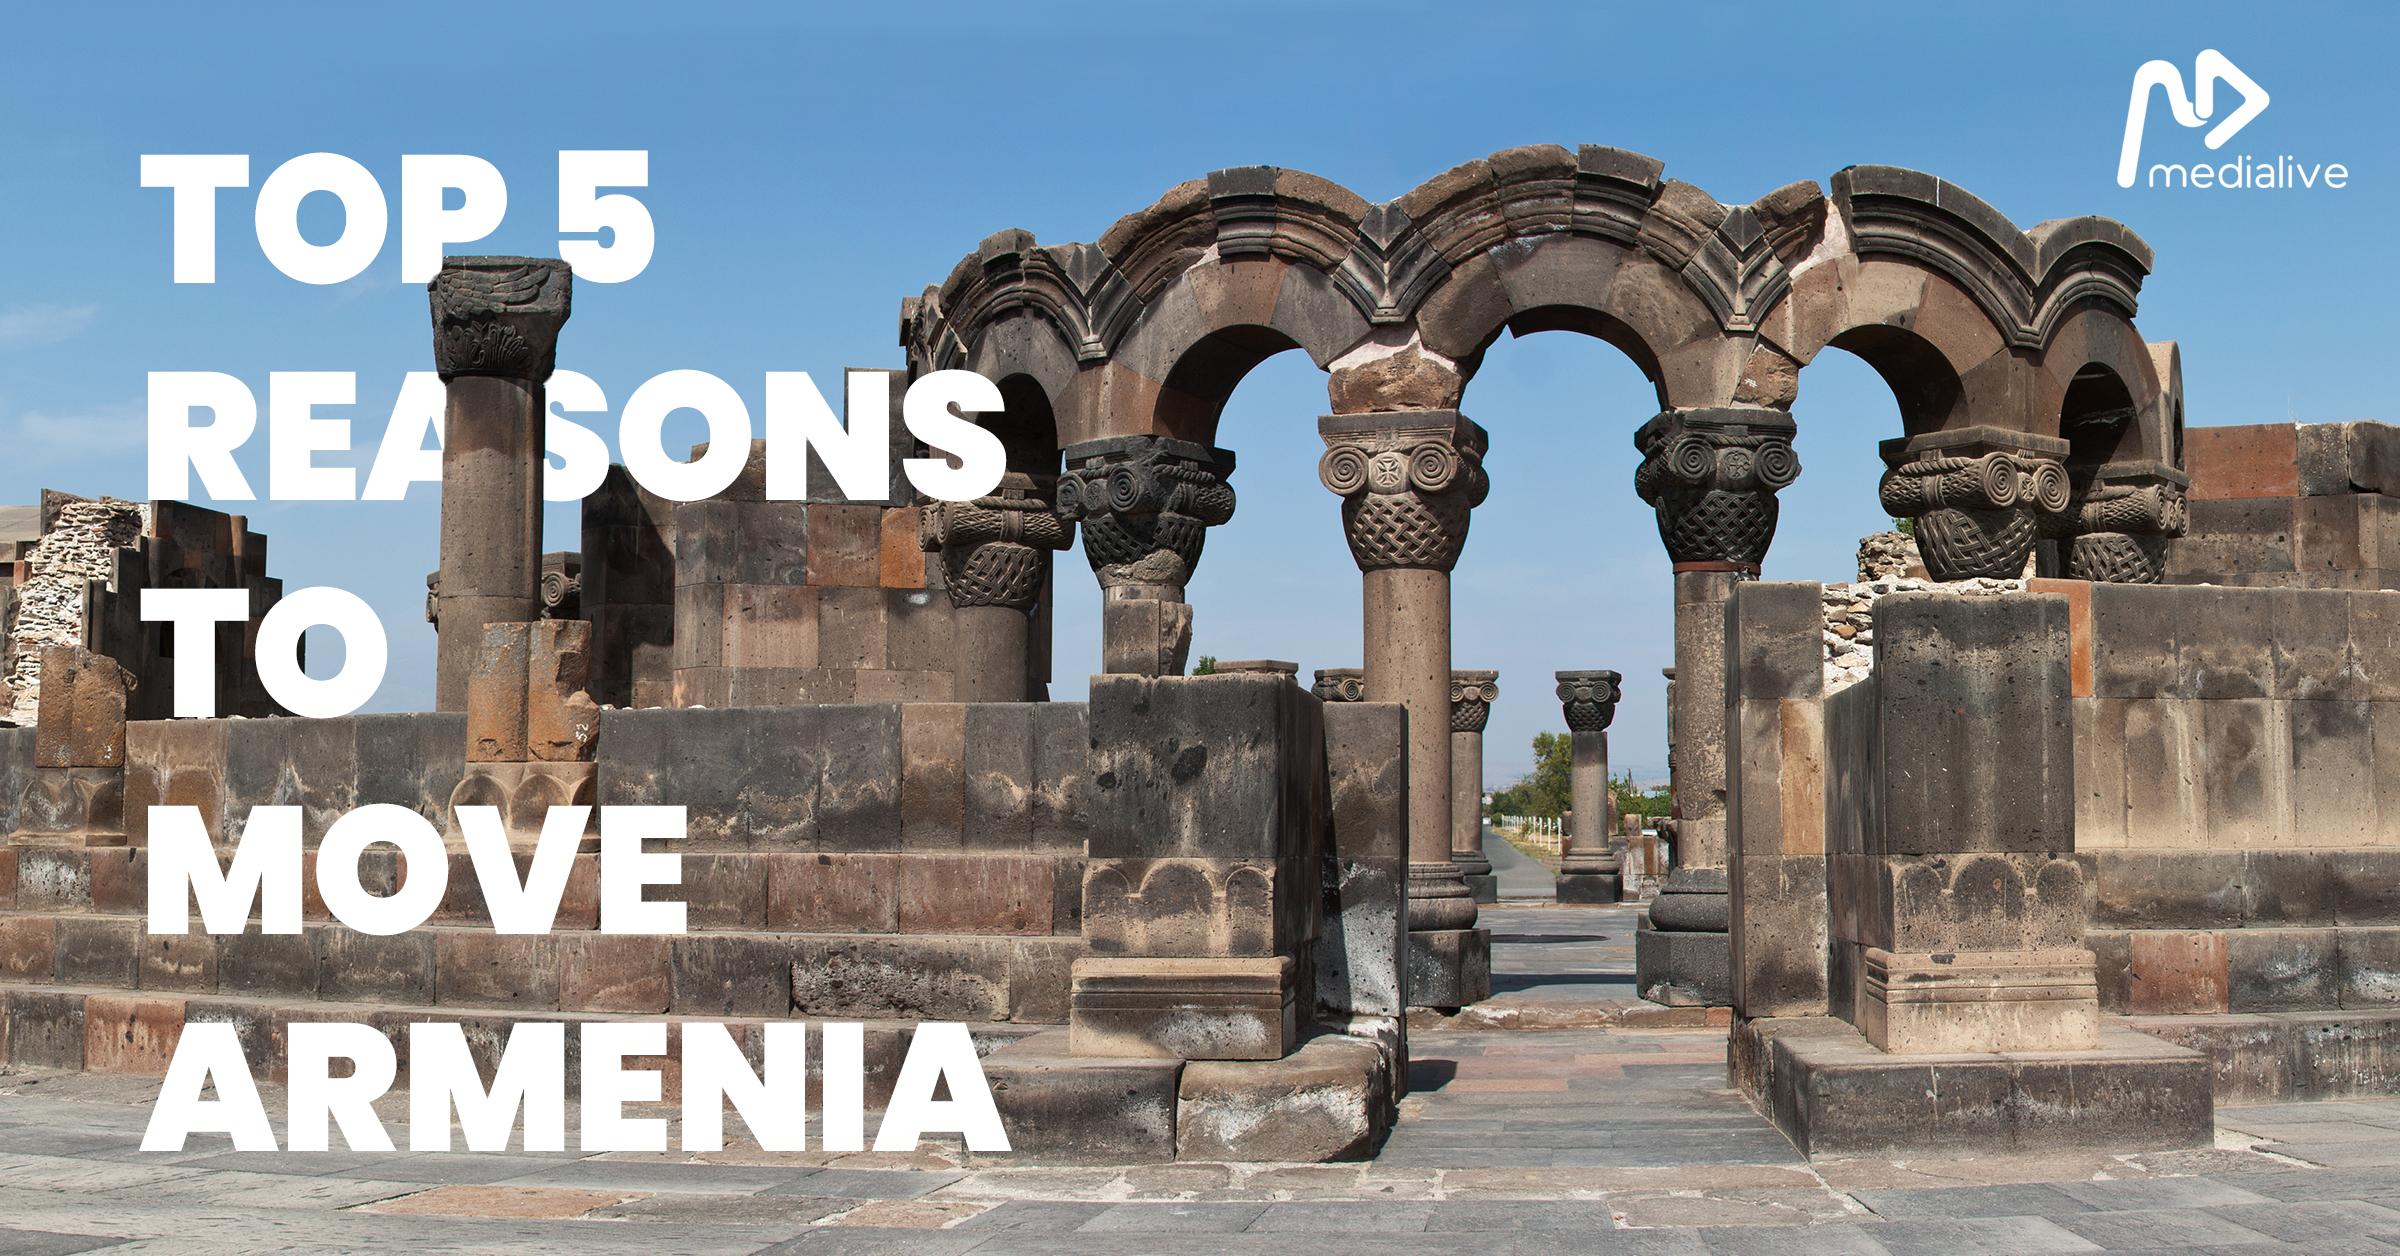 Why to move Armenia?